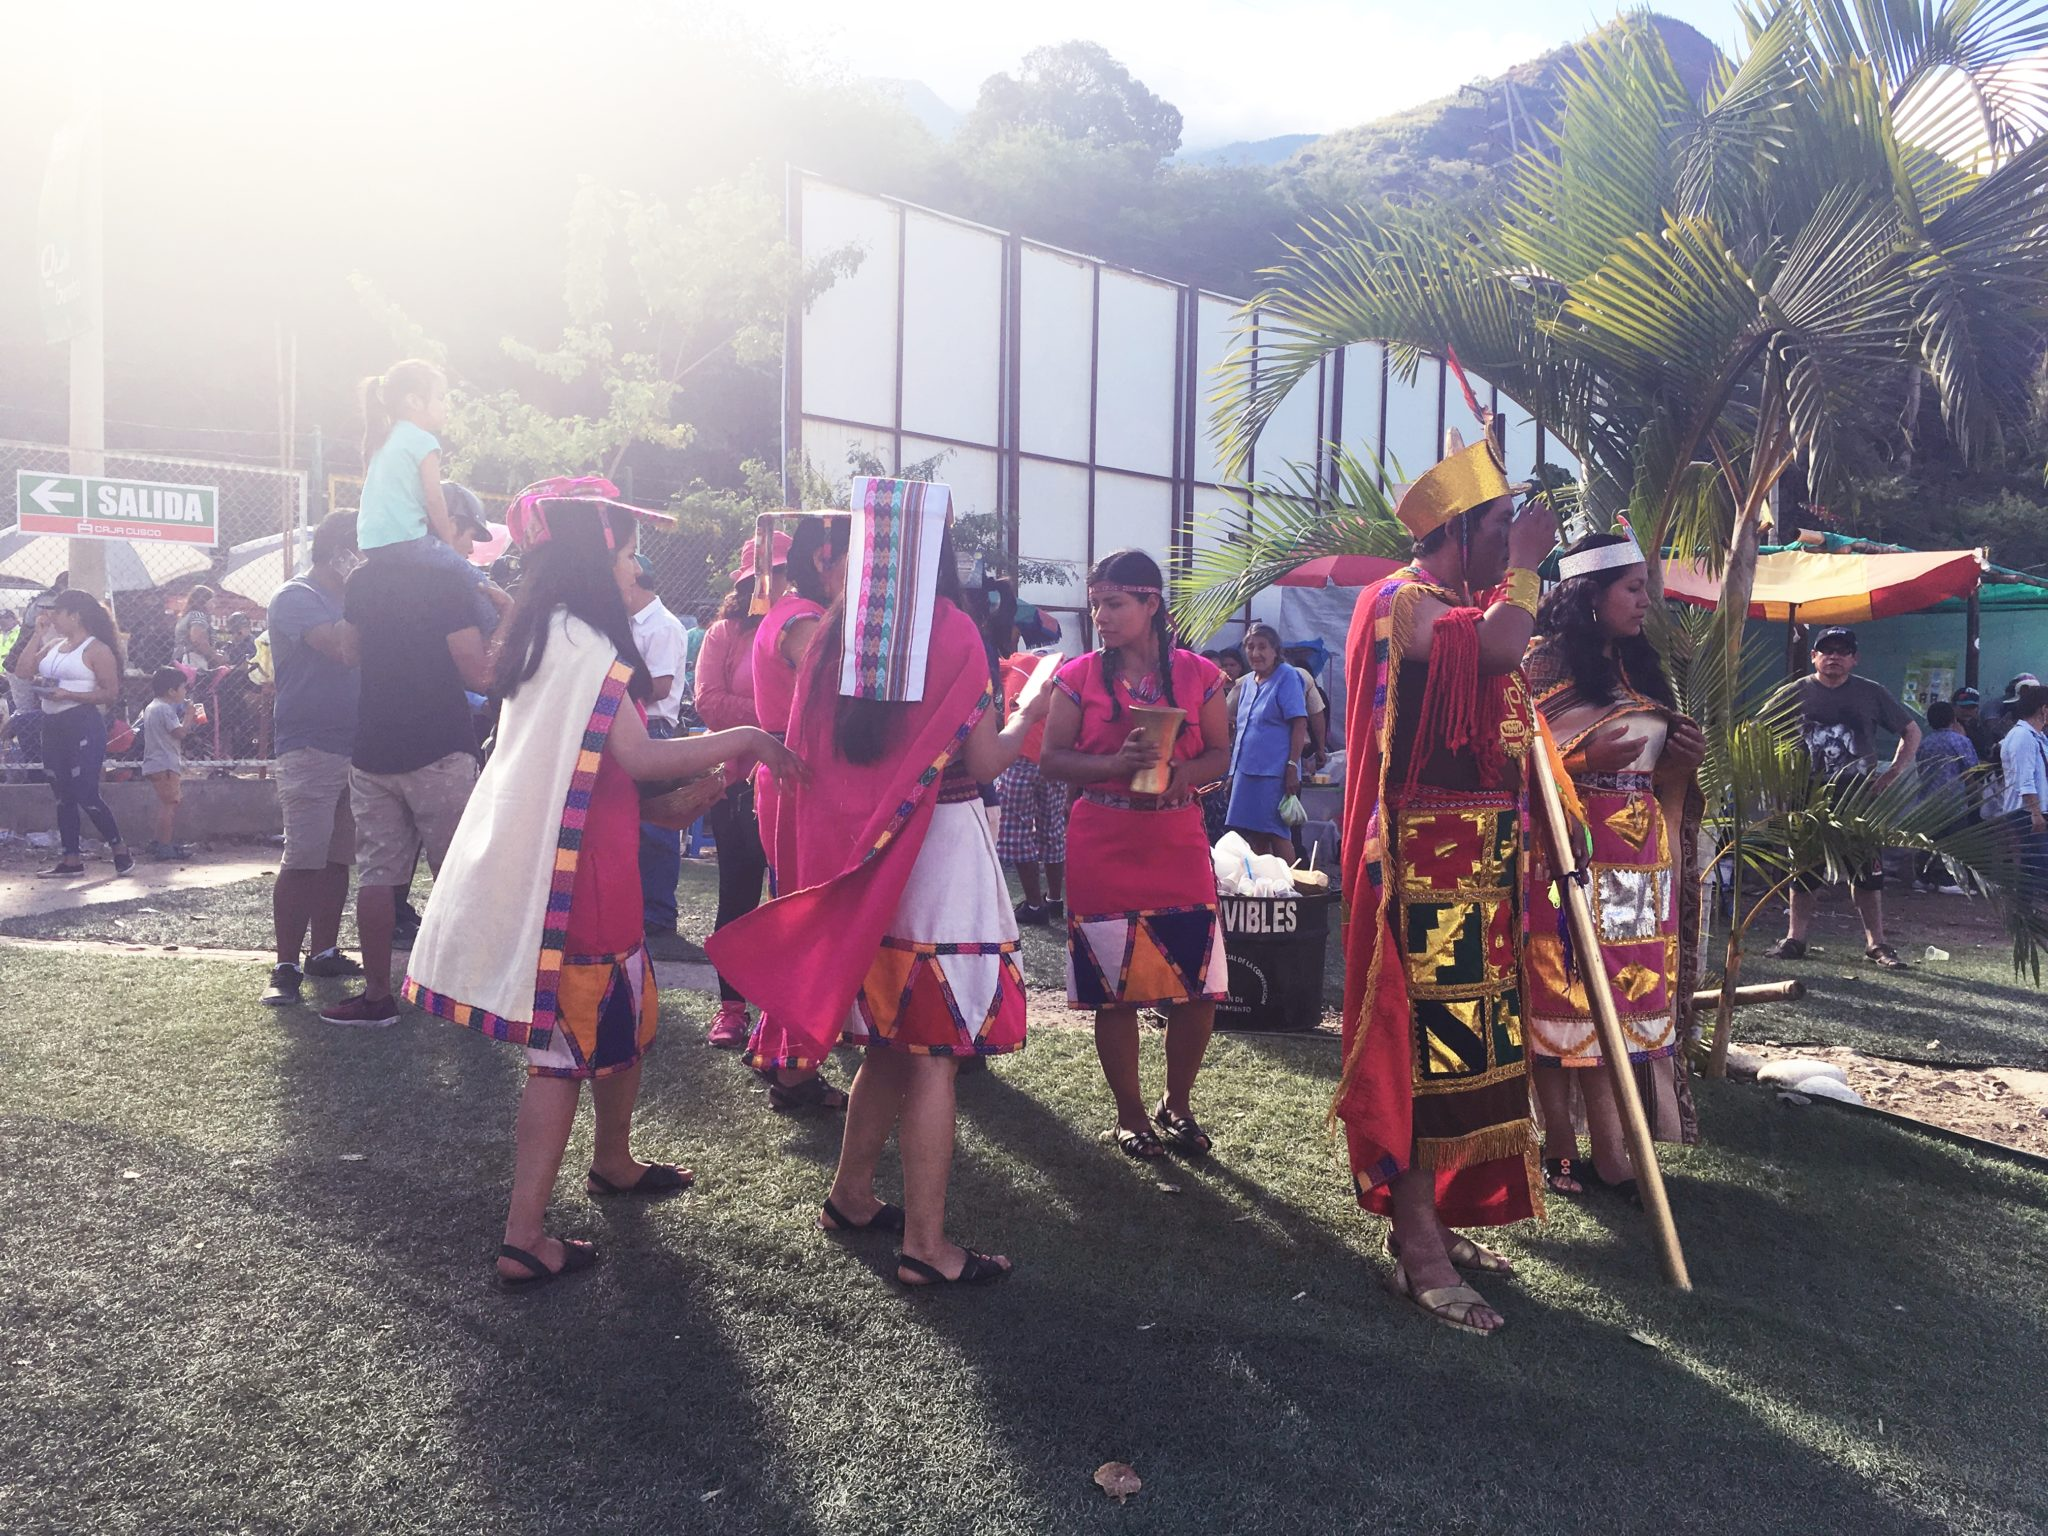 ペルー, 観光, Quillabamba, キヤバンバ, フェリア, Feria, ジャングル